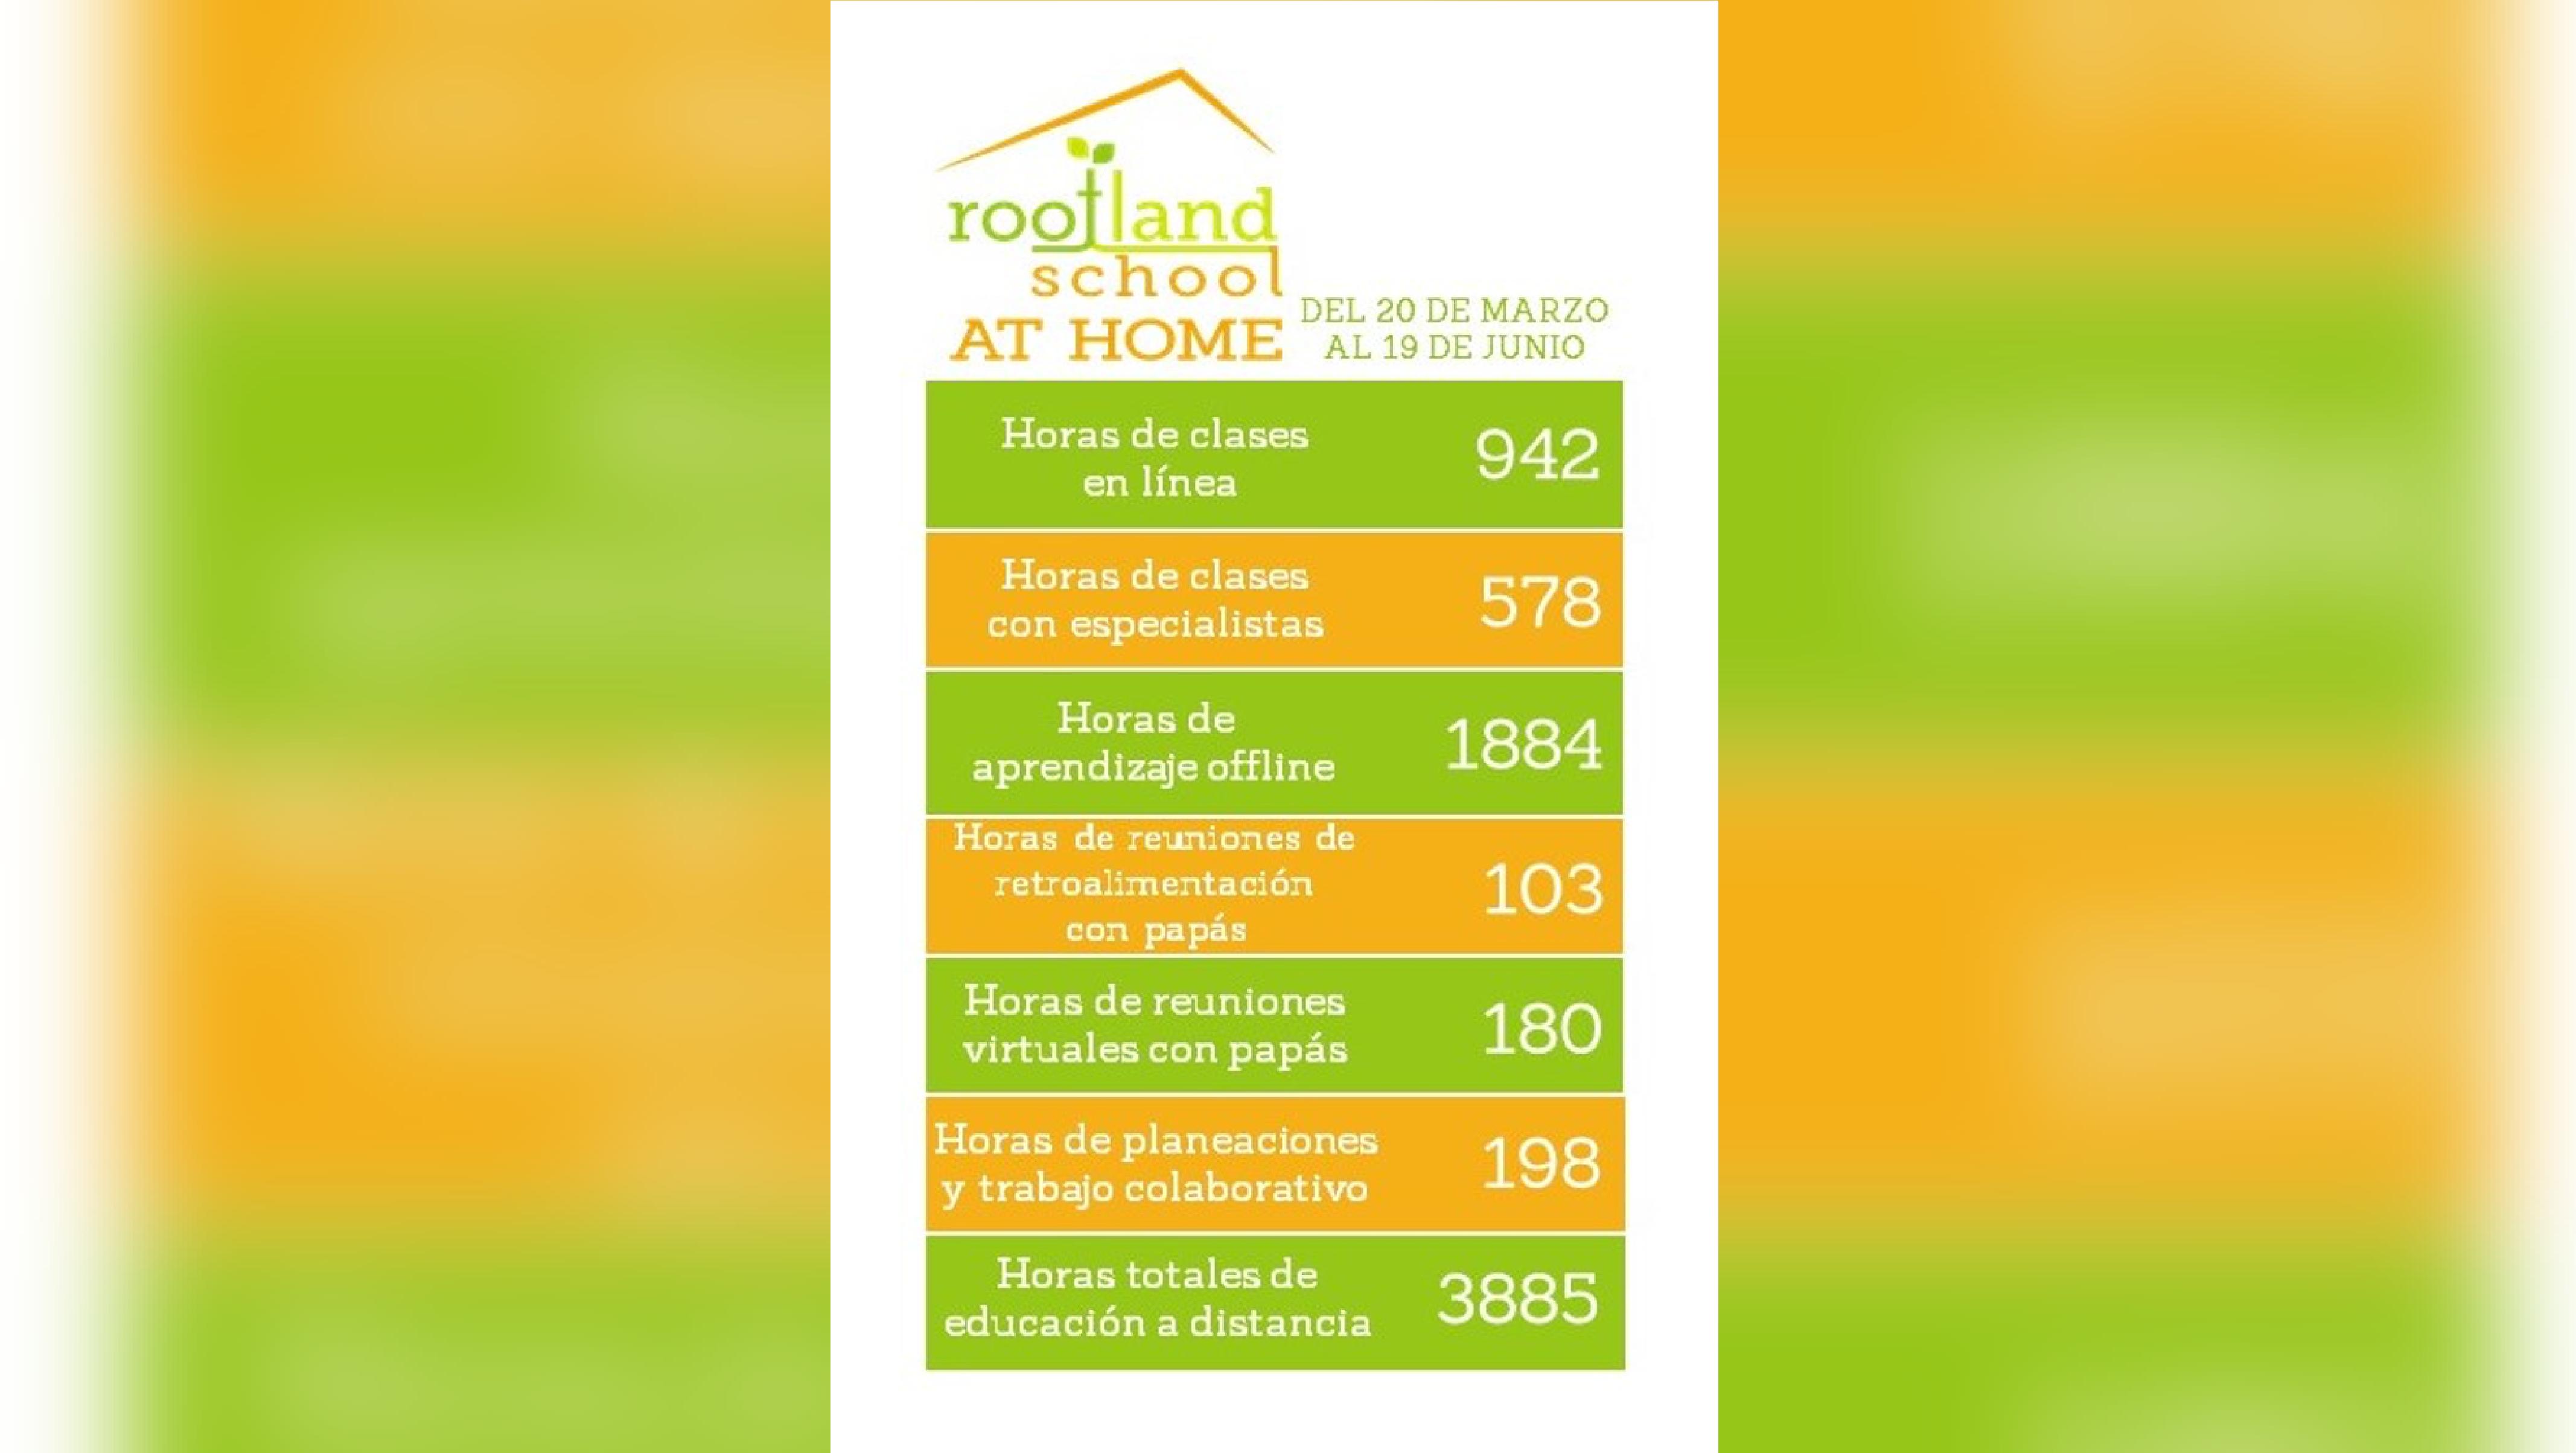 Rootland-school-colegios-mexico-01